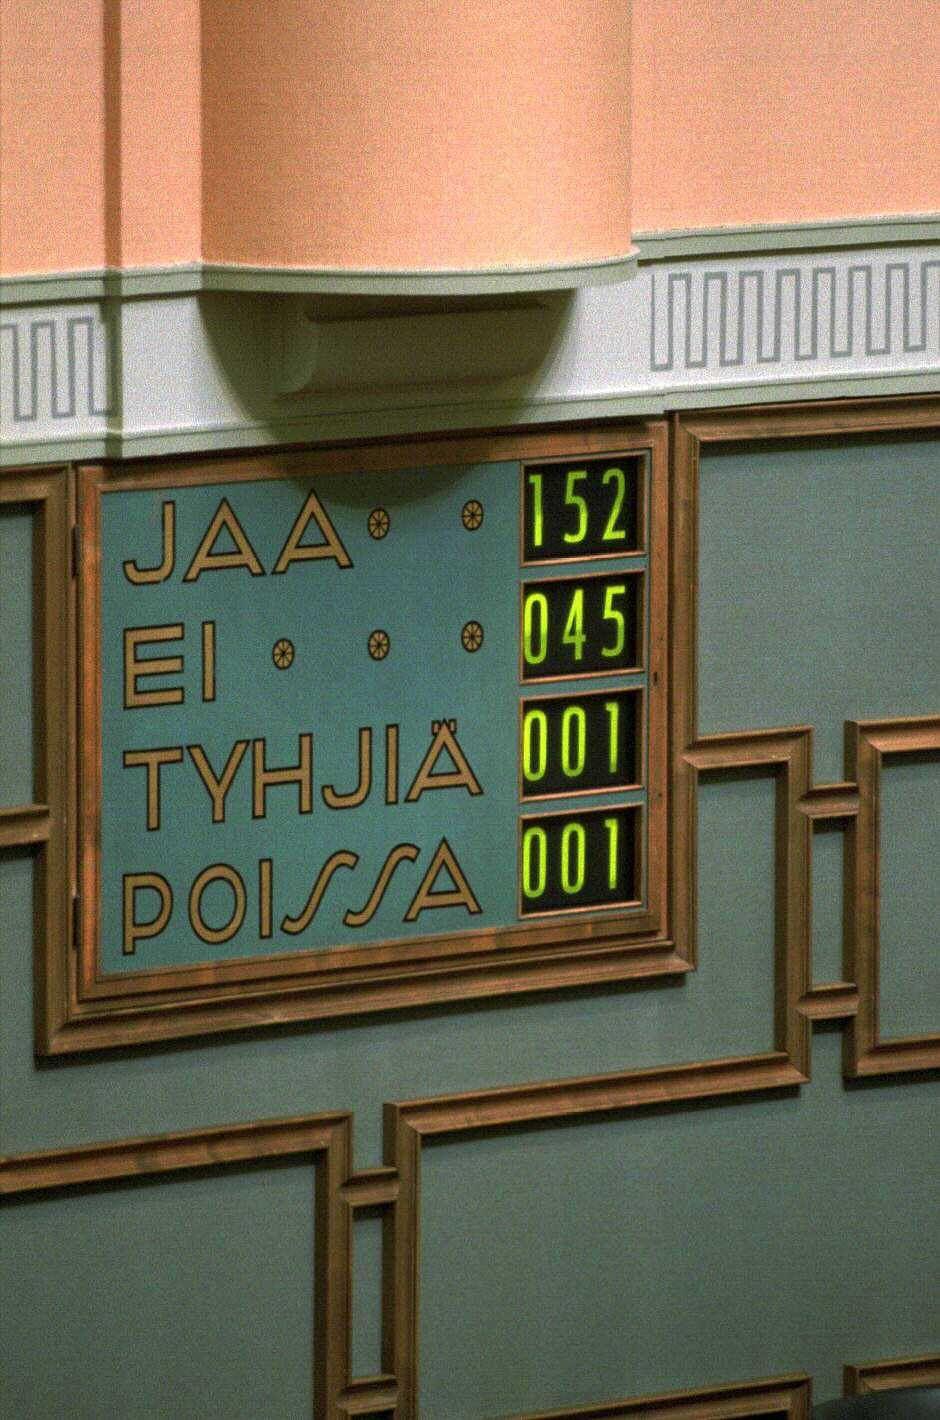 Äänestystulos eduskunnassa marraskuussa 1994. Poissa oli sairauden vuoksi porilainen Maunu Kohijoki (kok.). Tyhjää äänesti maratonpuheistaan tunnetuksi tullut pirkkalalainen Vesa Laukkanen (Vaihtoehto Suomelle).